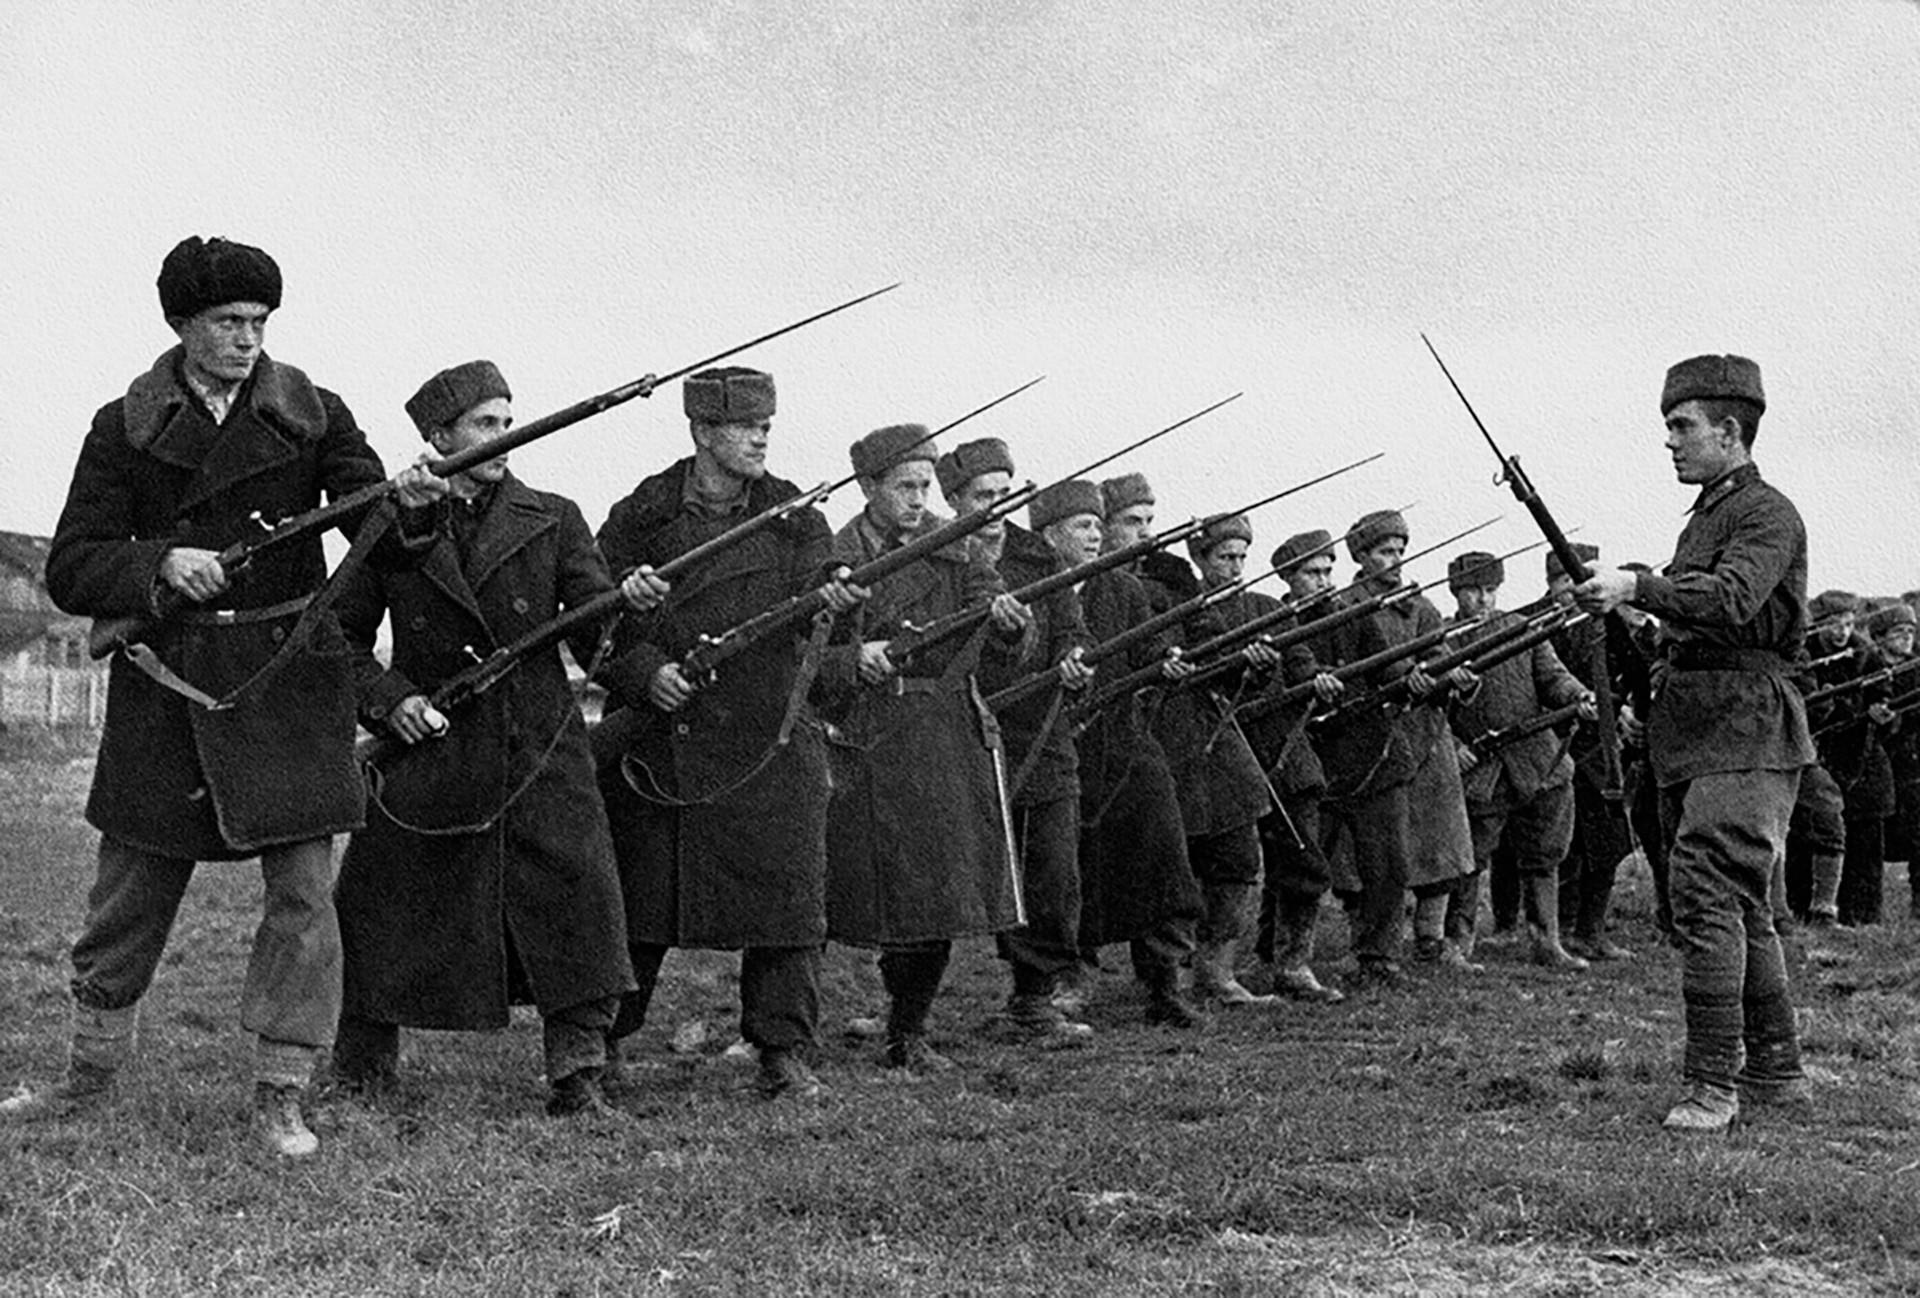 Добровољци. Увежбавање борбе бајонетима у Првом батаљону 1. Московског комунистичког пука.